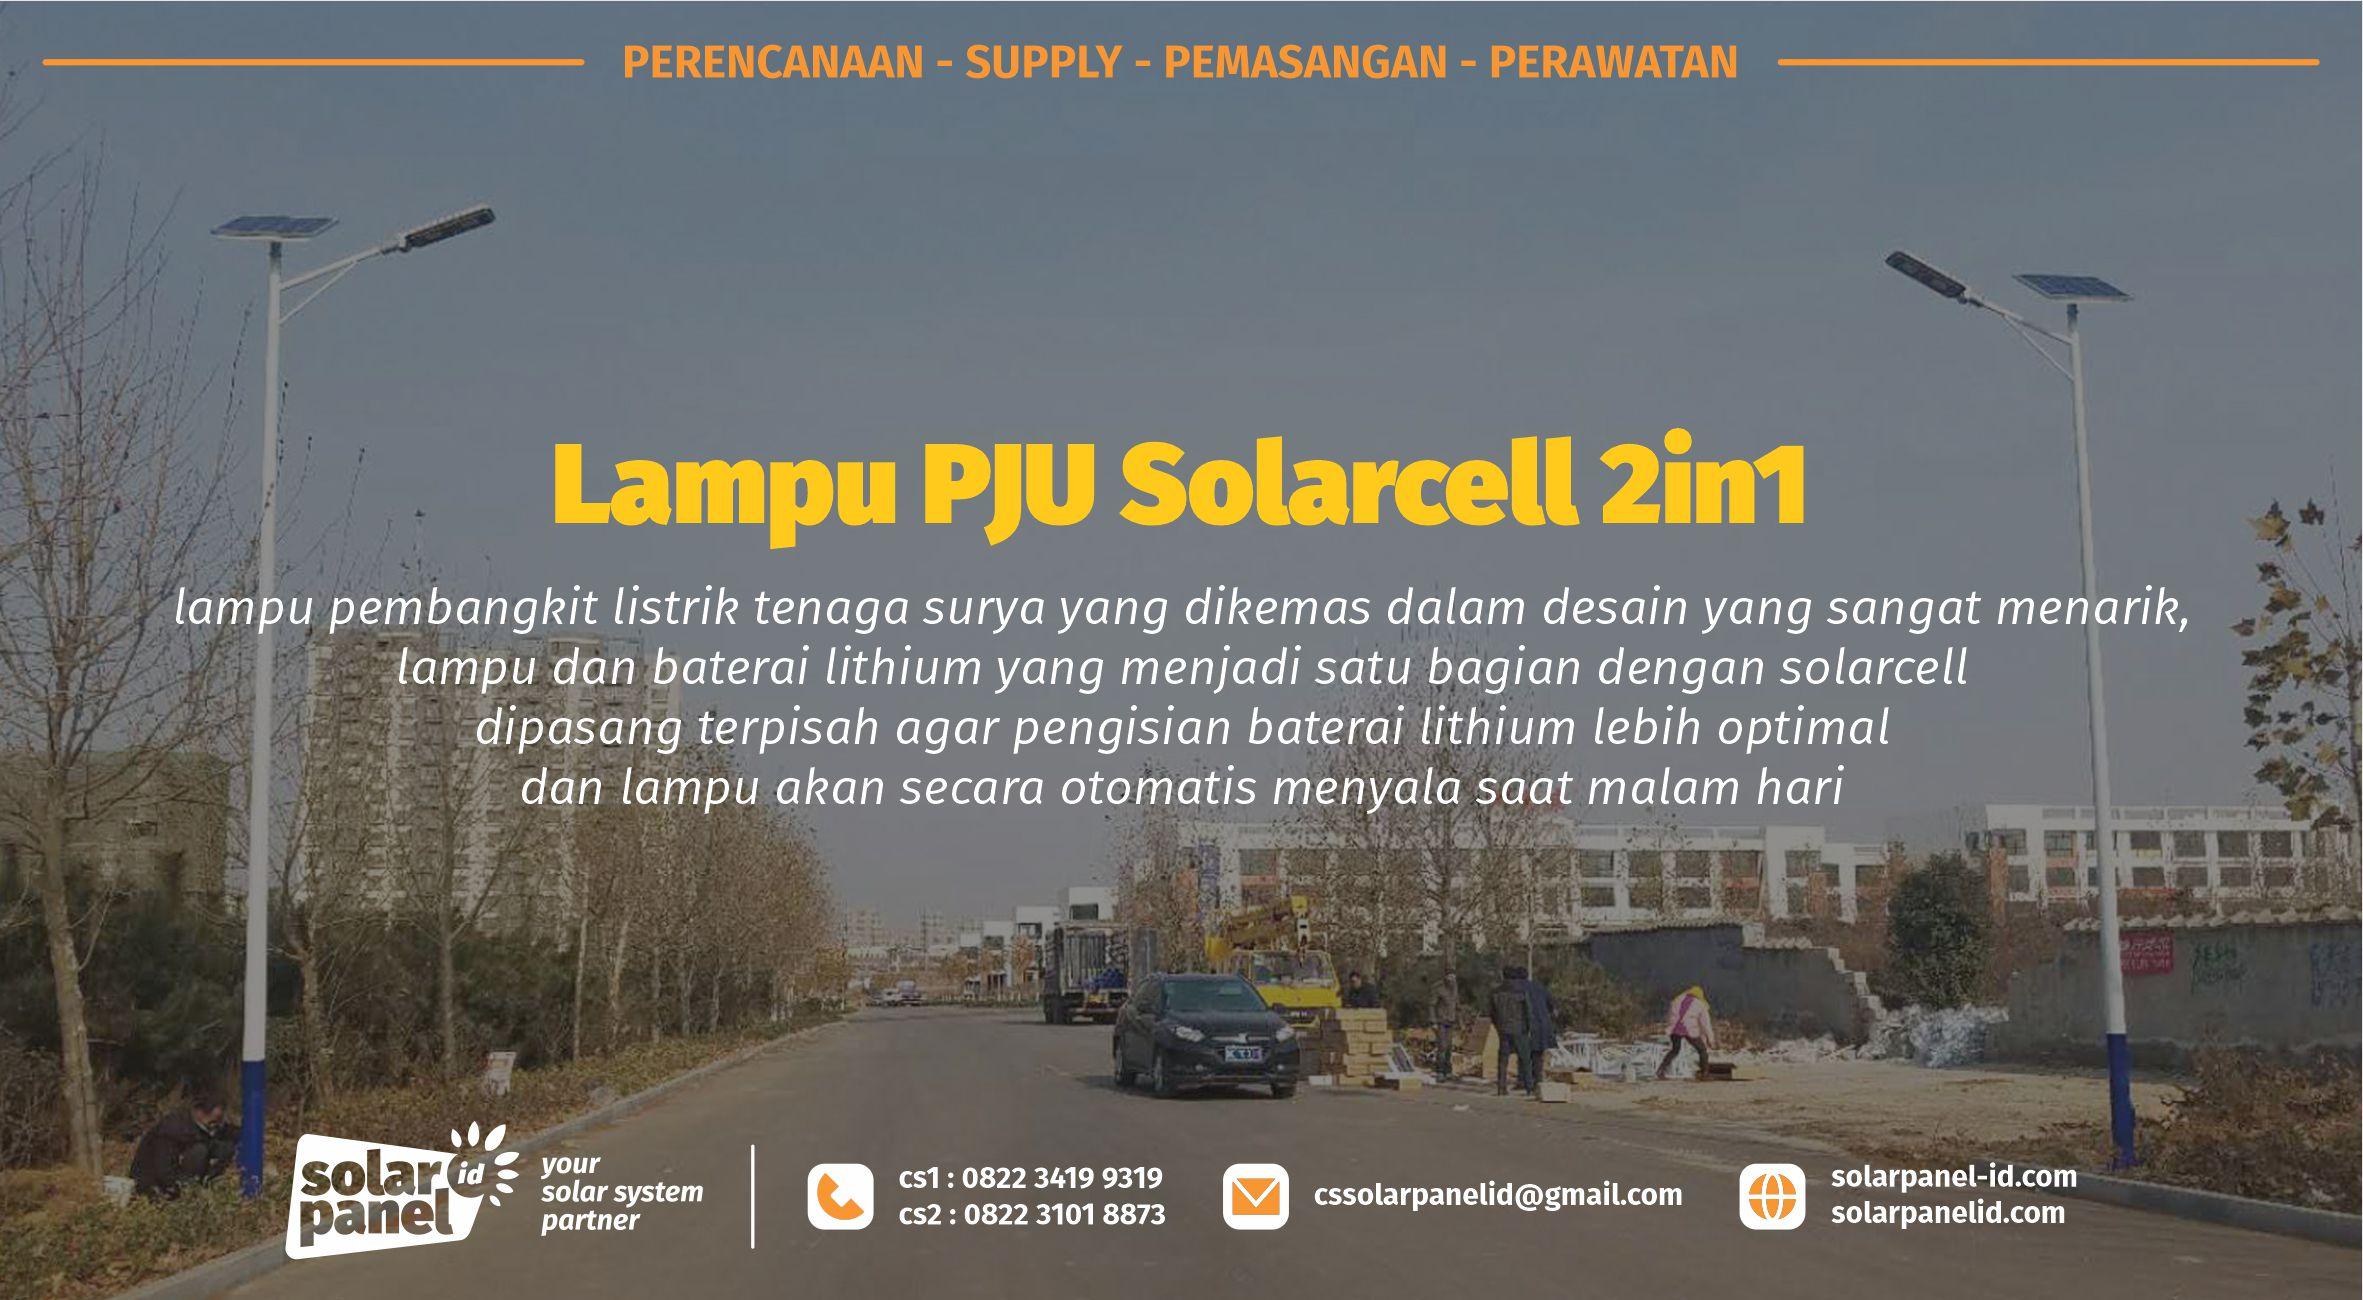 beli lampu pju 2in1 solarcell bluefire light 80 watt 1.0 murah